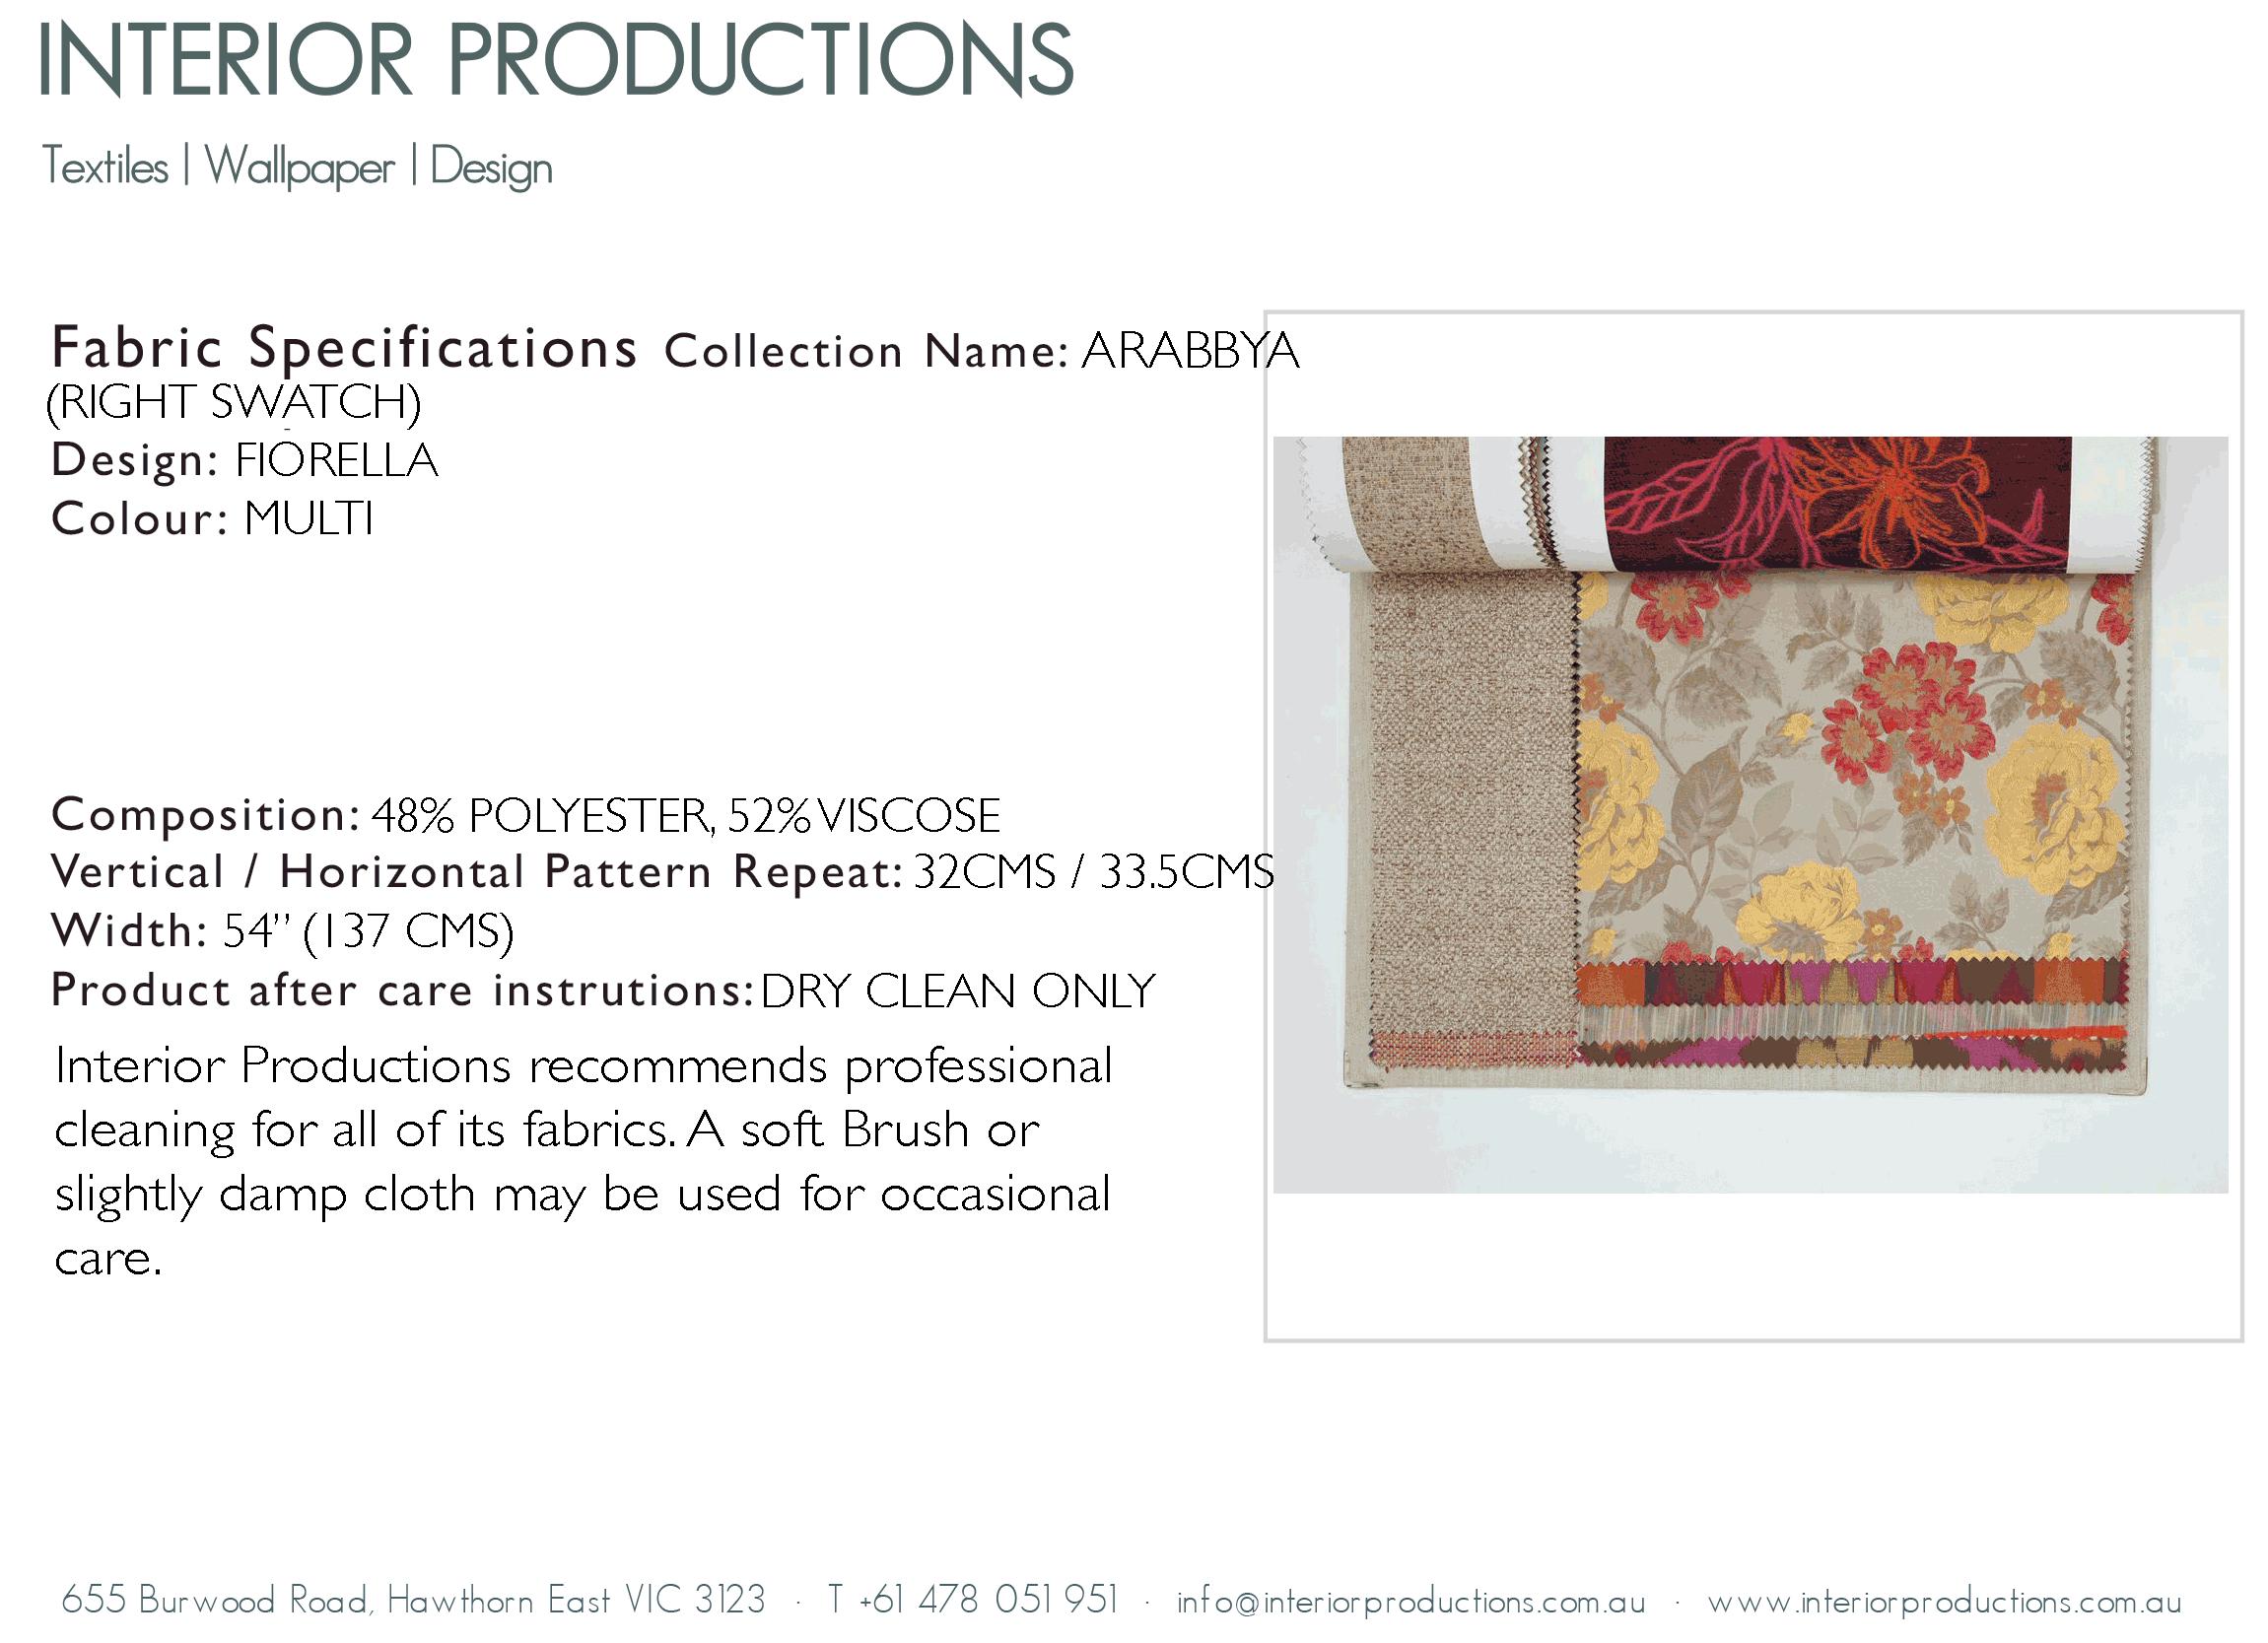 interior_productions_FIORELLA---MULTI